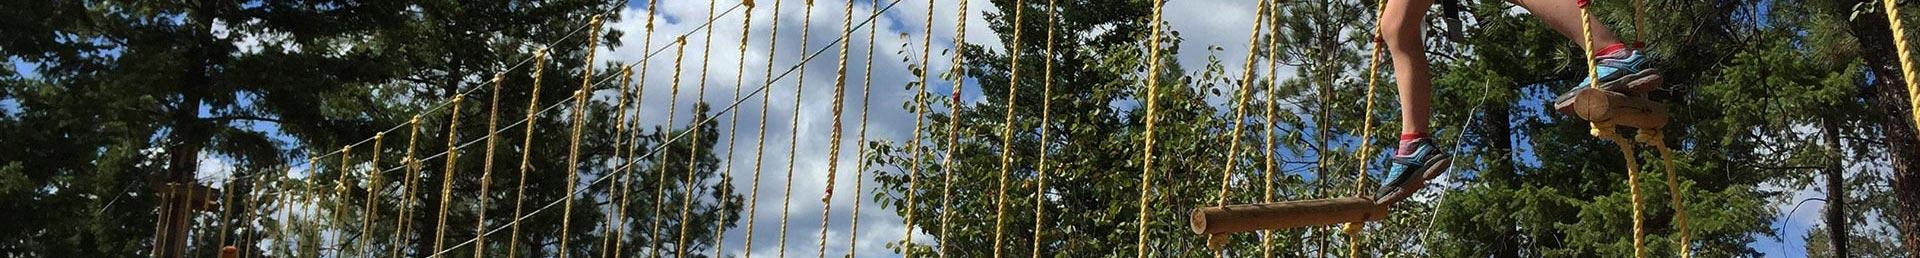 Accrobranche - Grimpe d'arbres Midi-Pyrénées